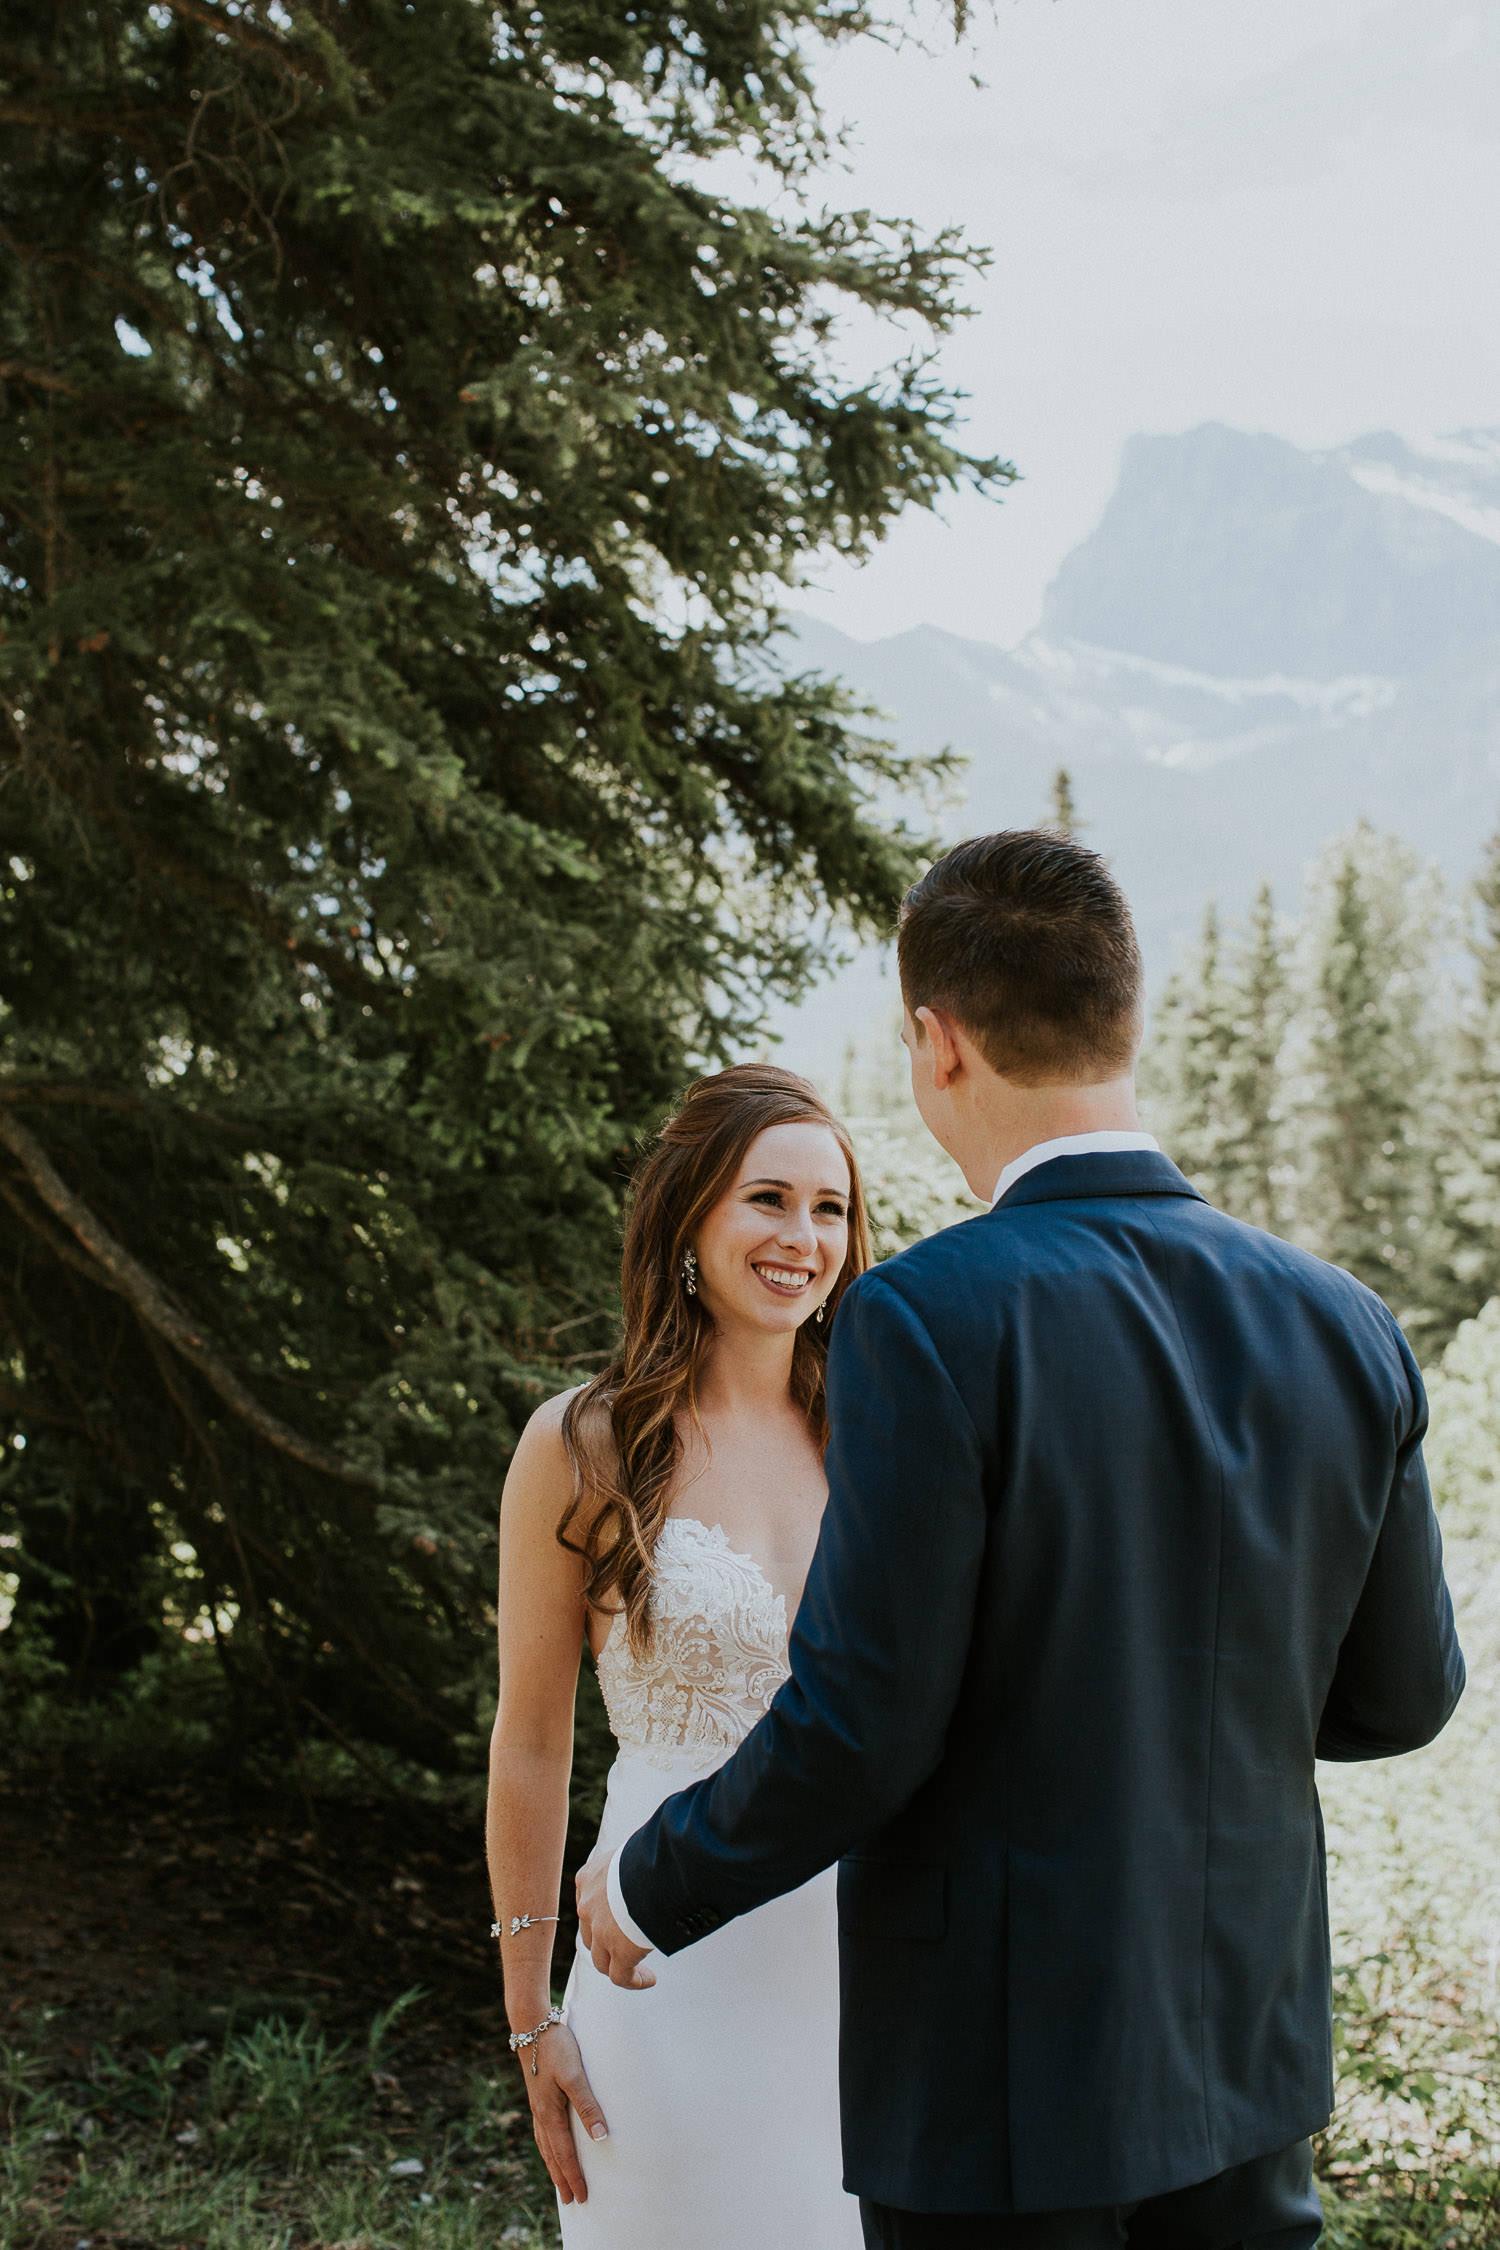 stewart-creek-wedding-sarah-pukin-095